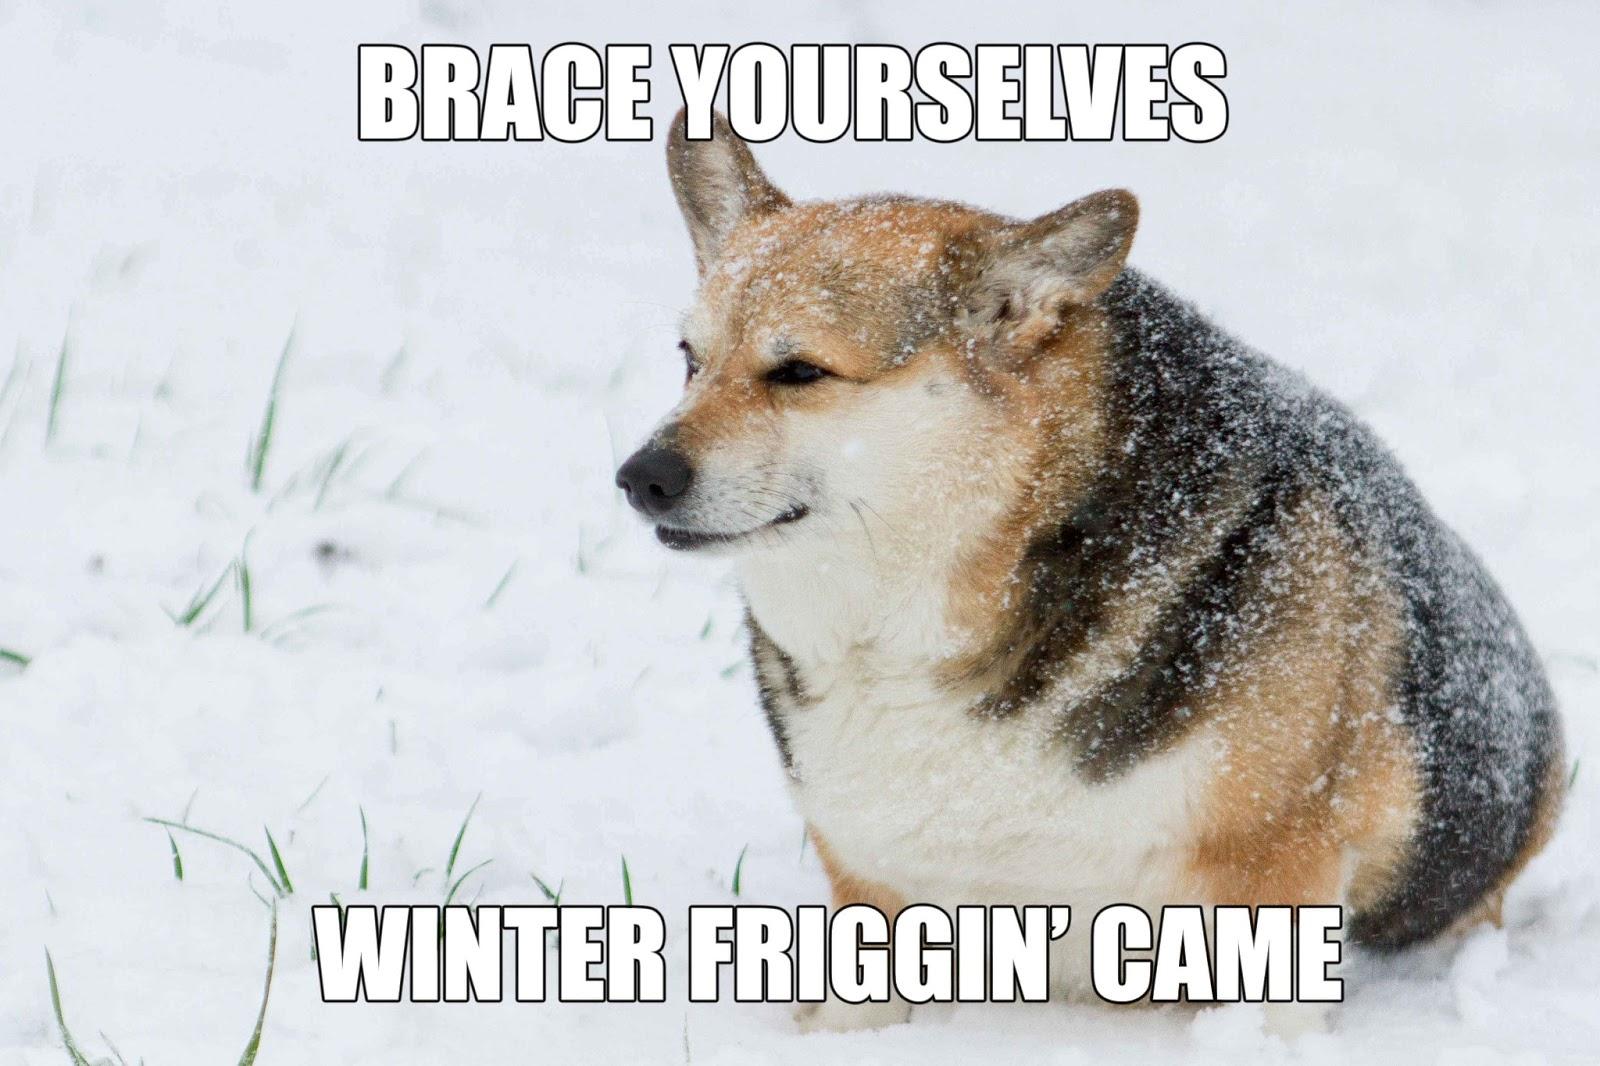 Corgi Meme for Pinterest